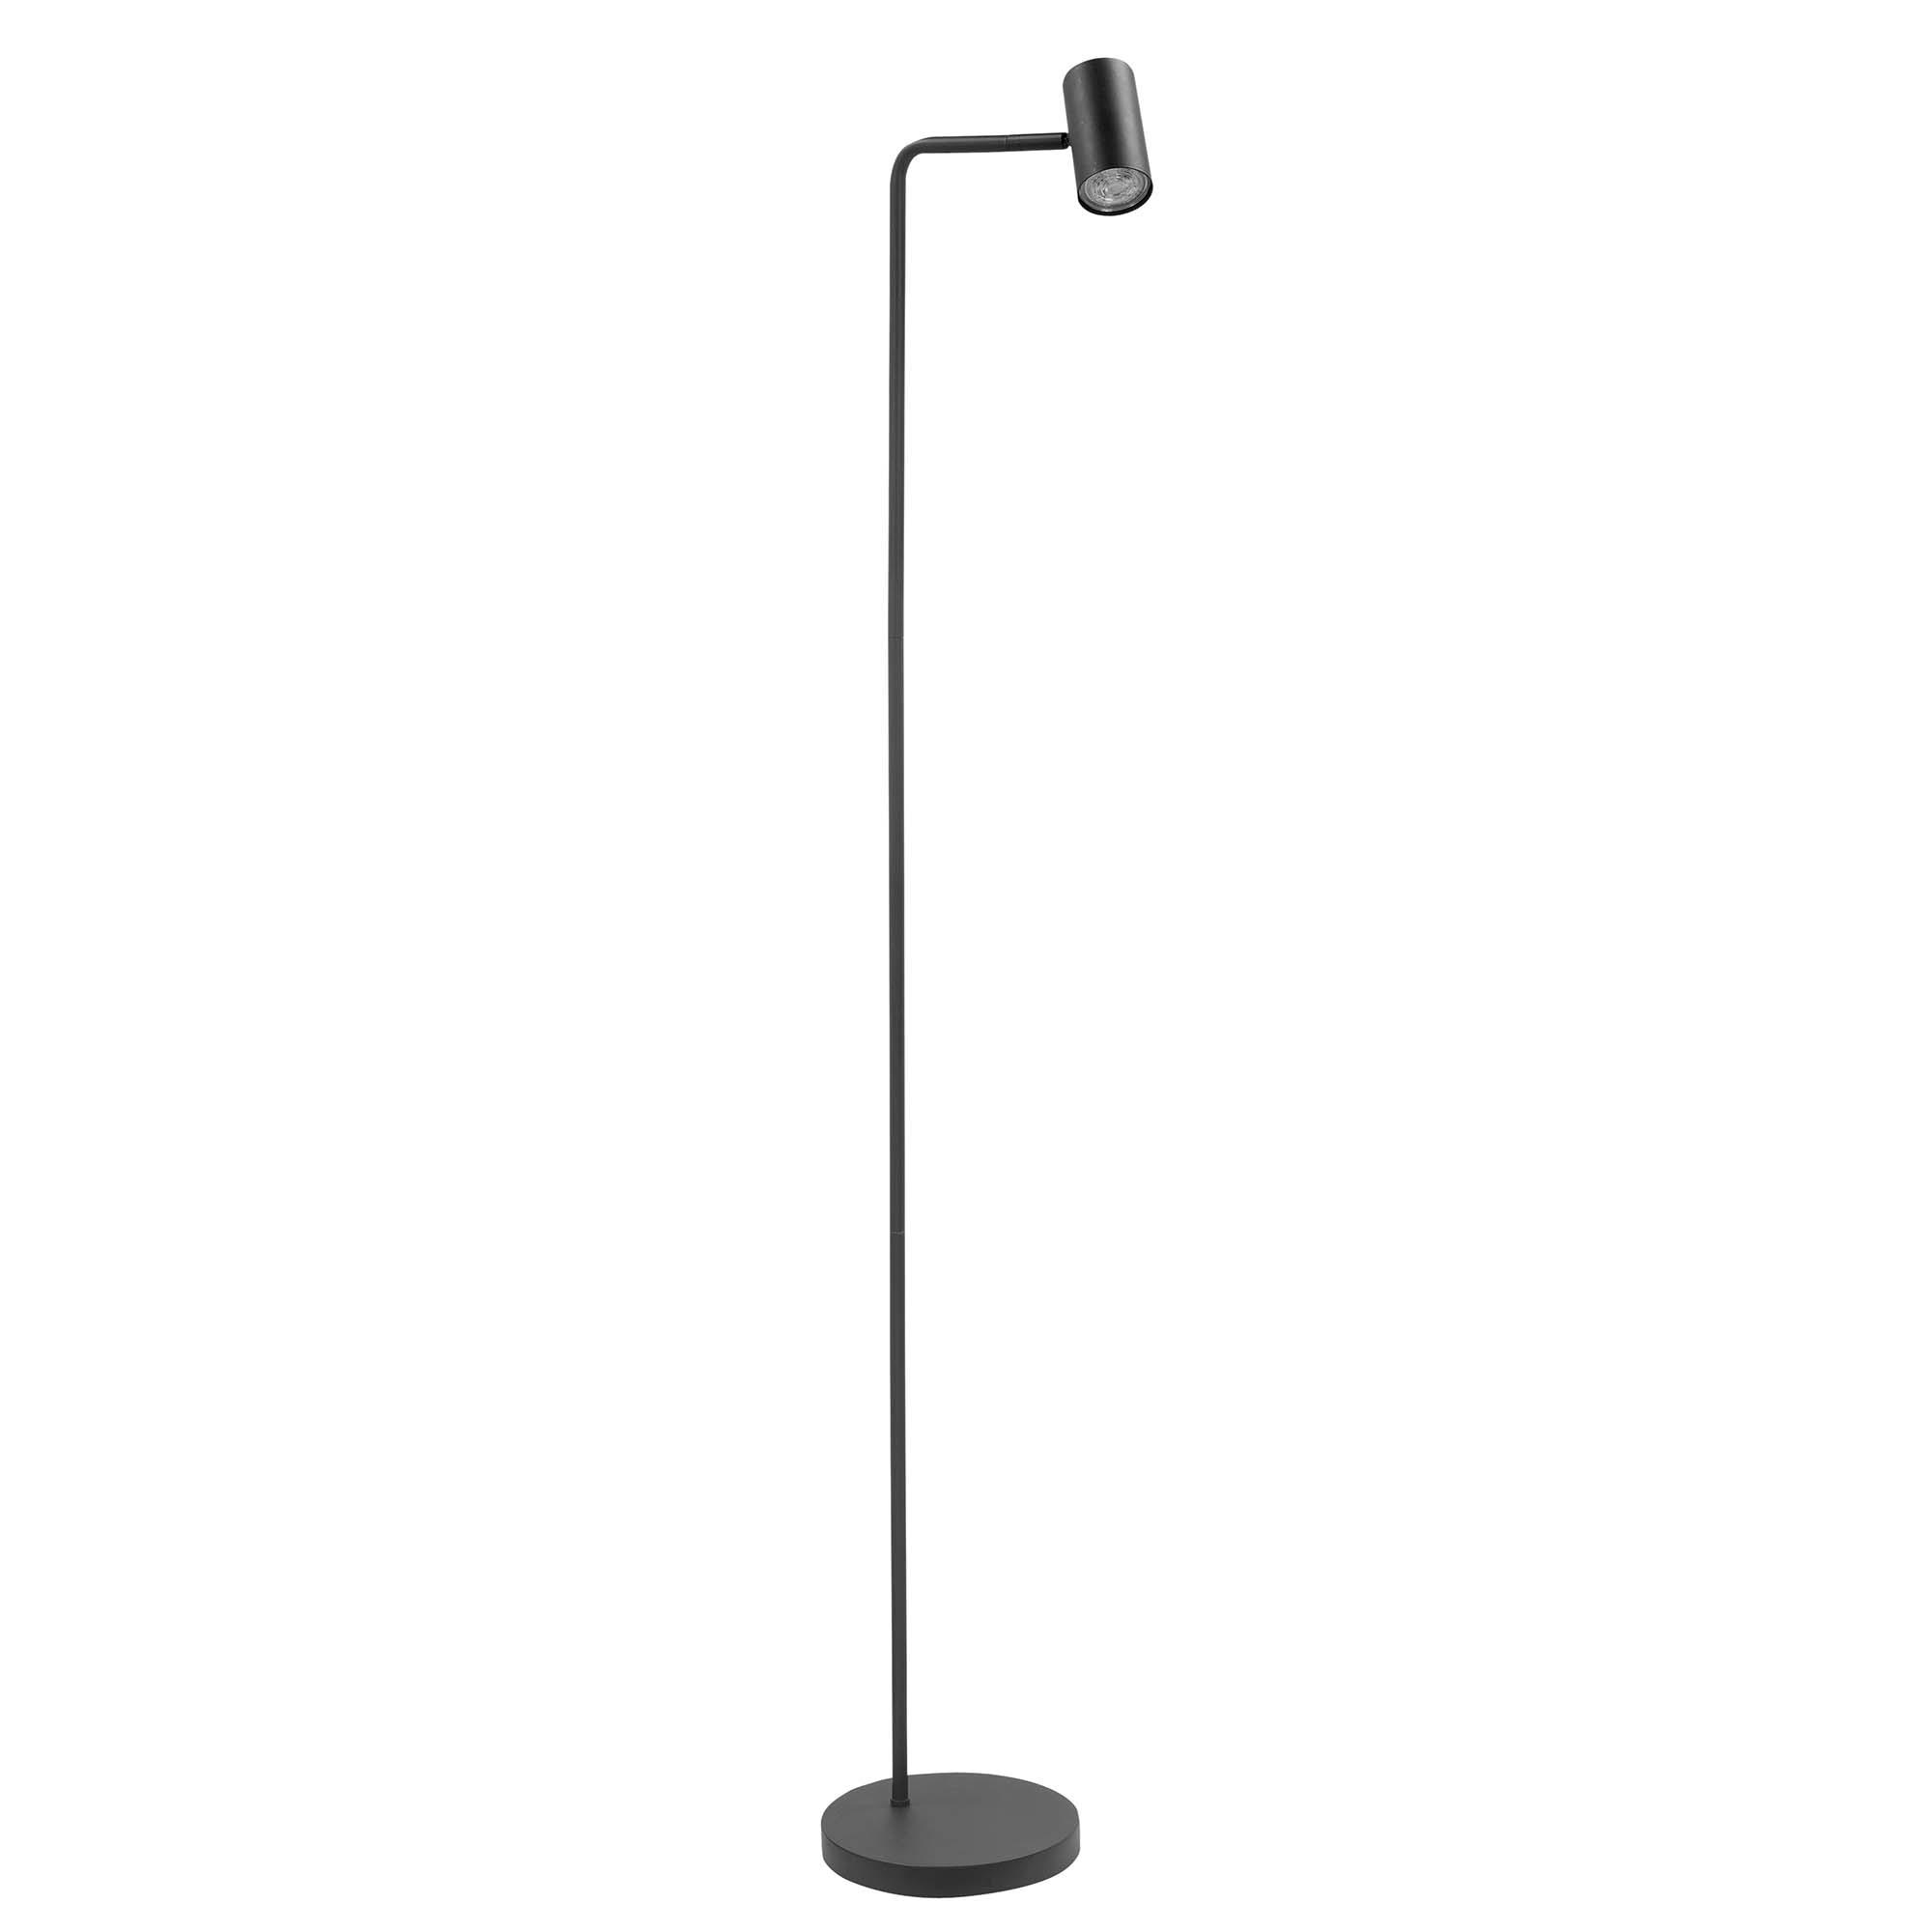 Highlight Vloerlamp Burgos 1 lichts H 134 cm zwart